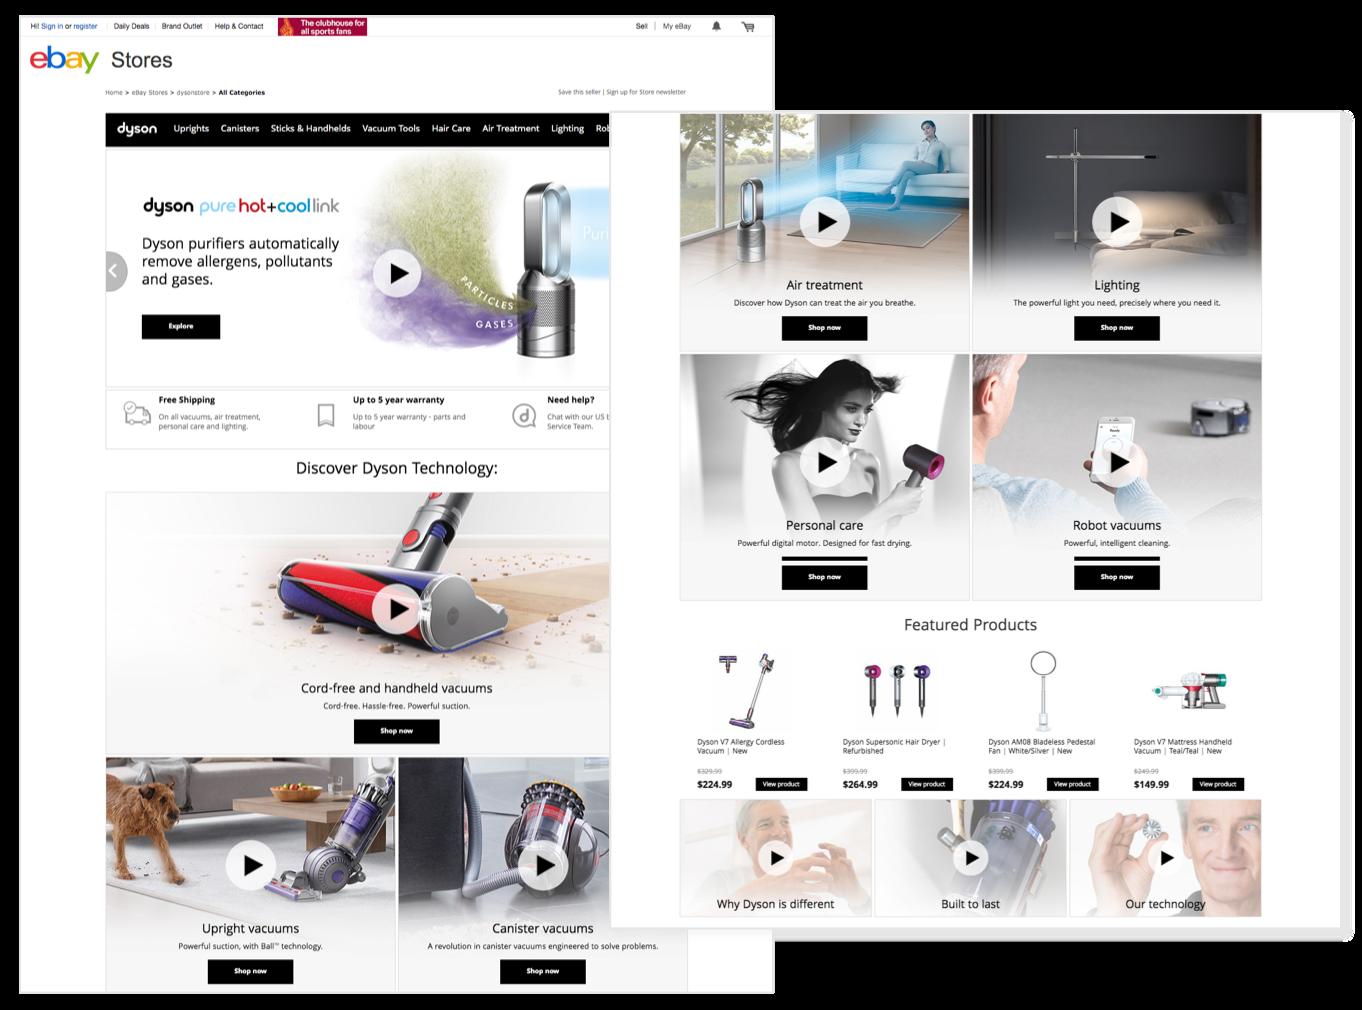 dyson's ebay storefront